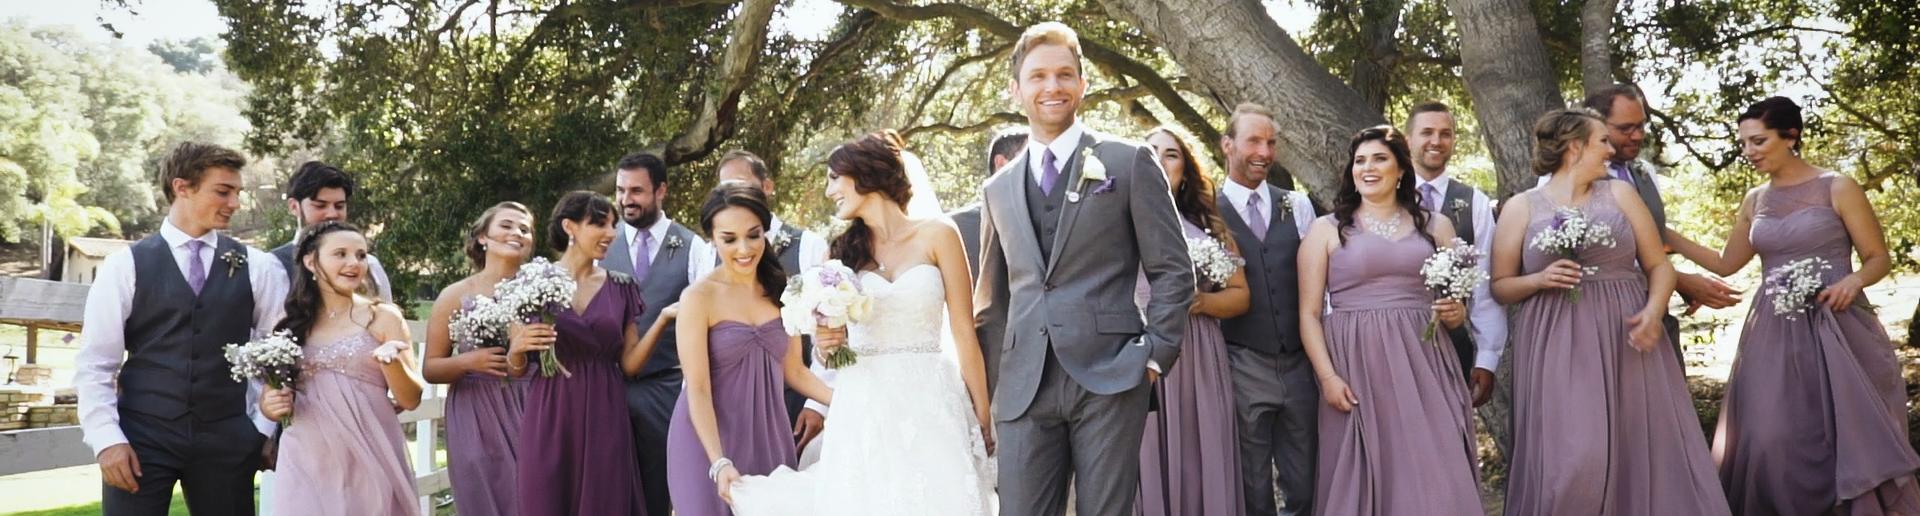 Caleb & Jaclyn Wedding Party.png